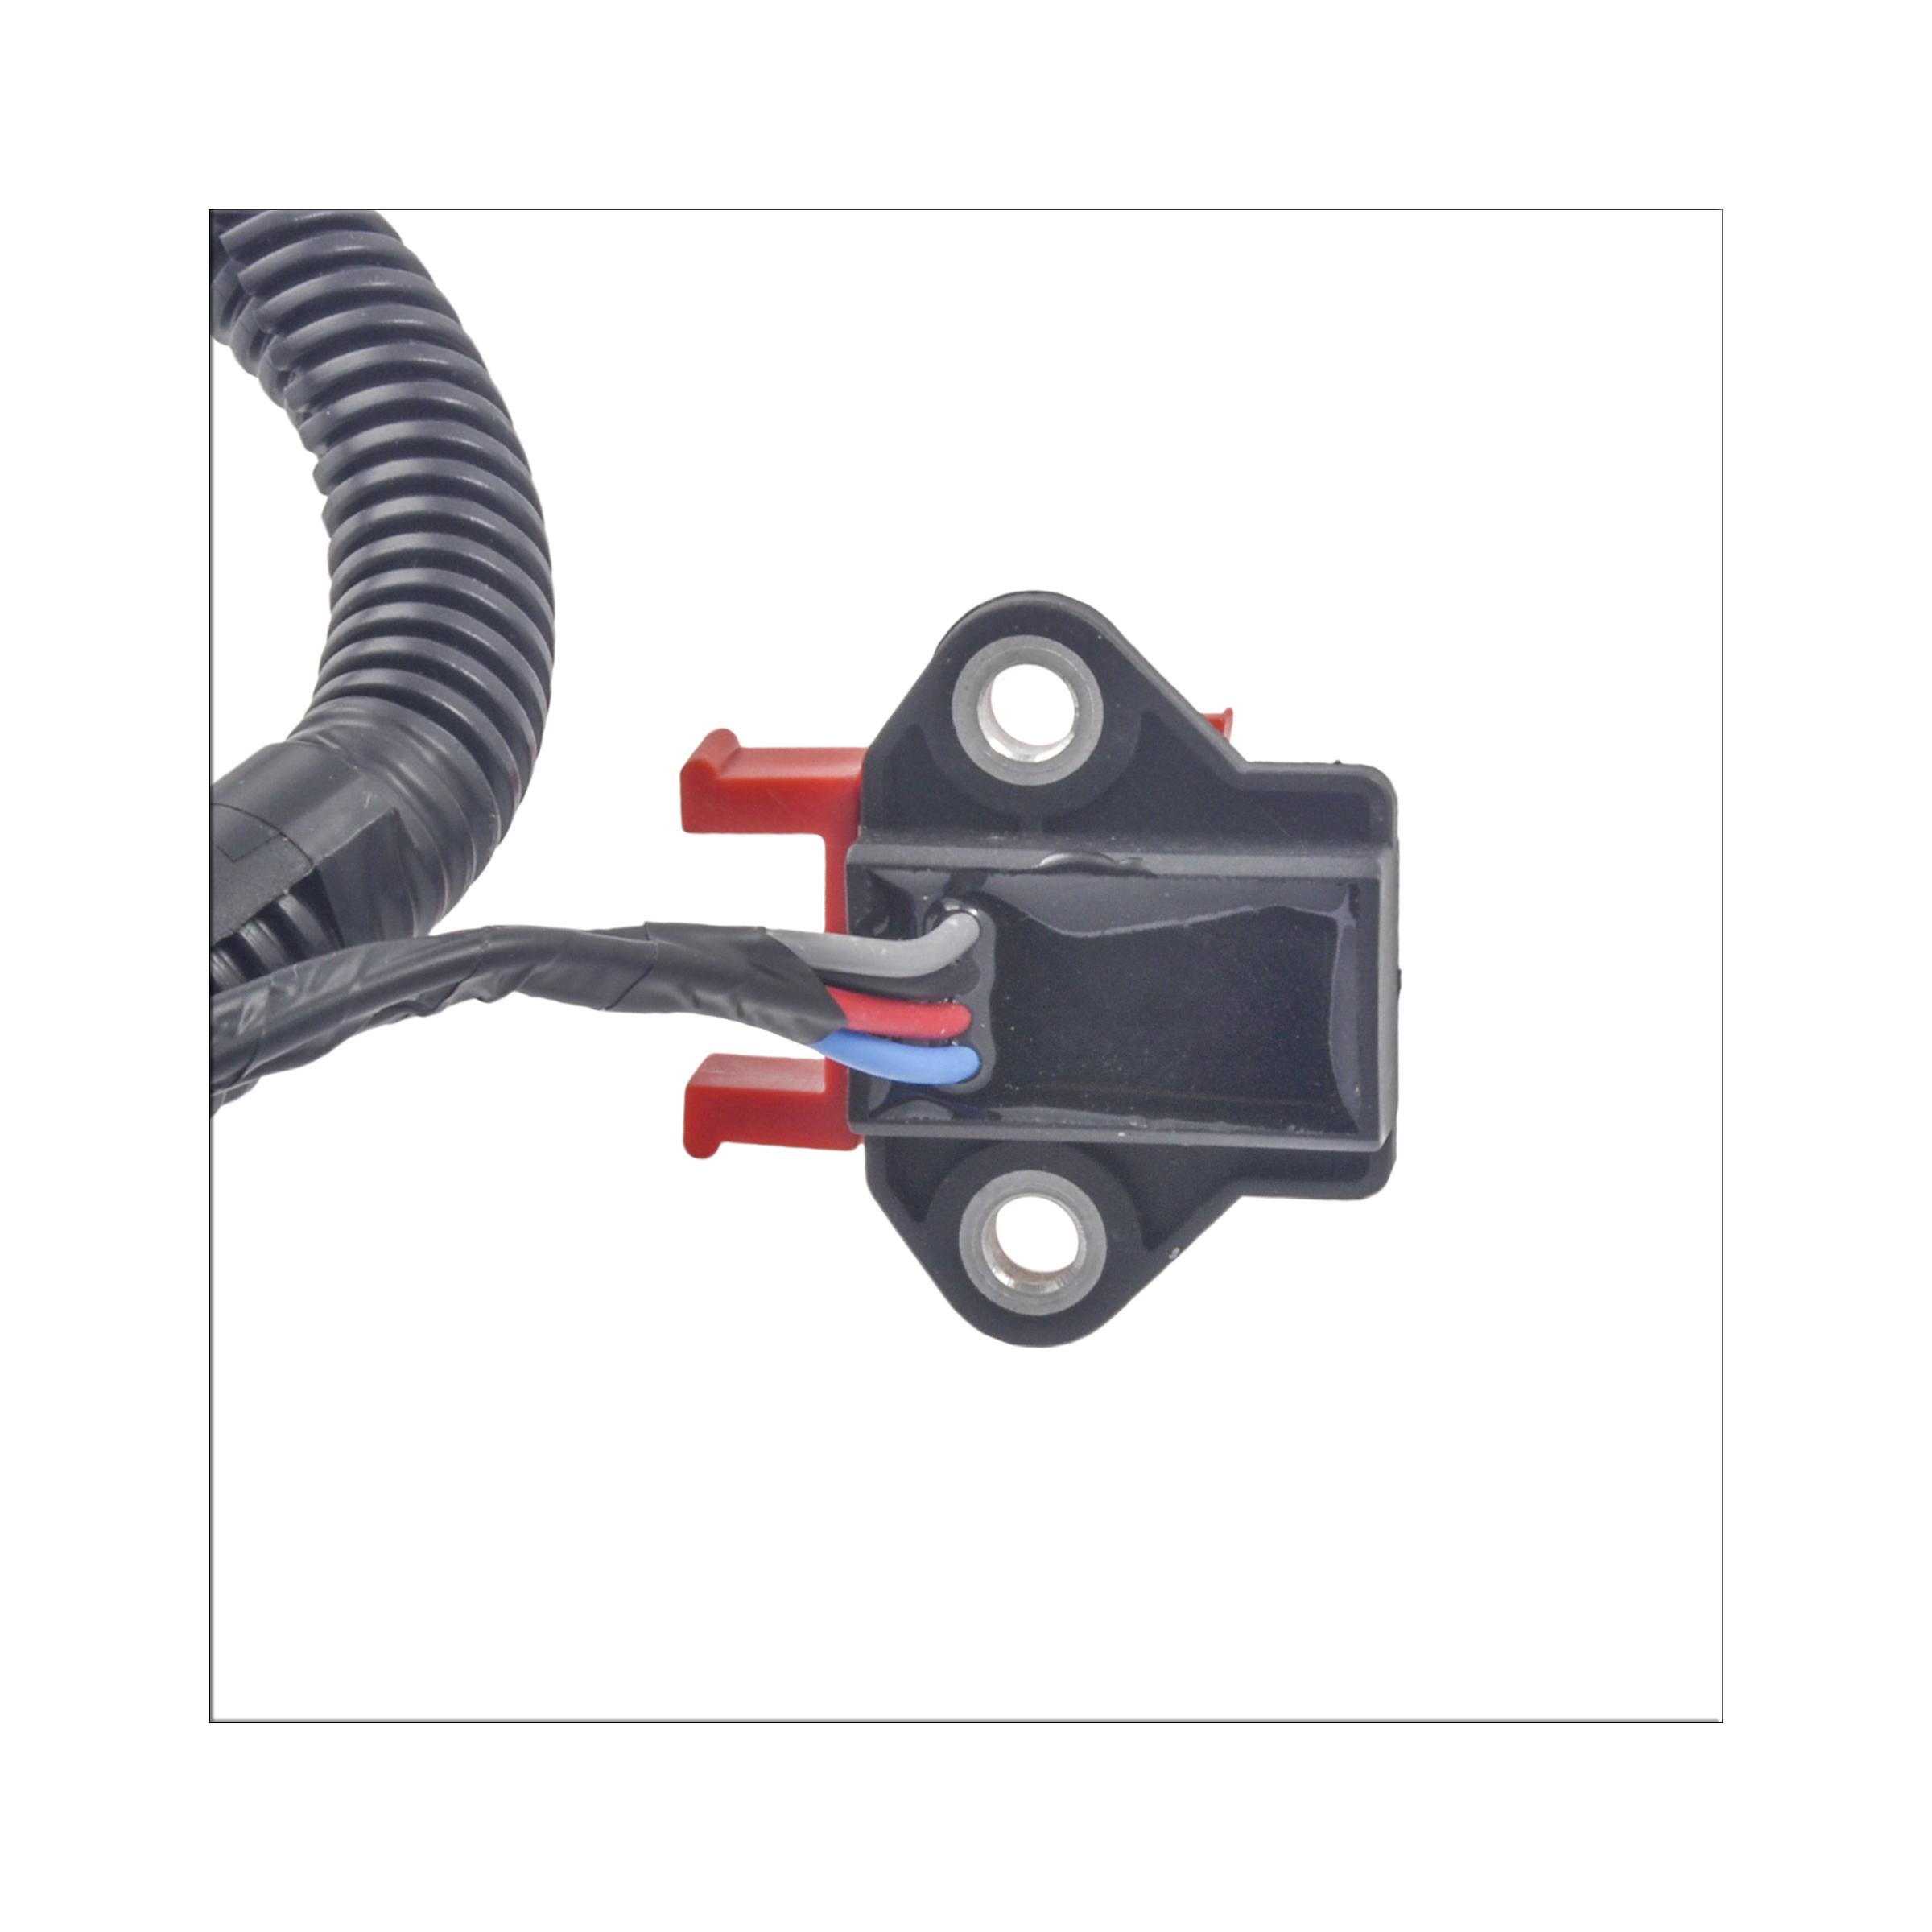 94 Ford Ranger 2 3 Camshaft Position Sensor: New Herko Crankshaft Position Sensor CKP2001 Fits Ford